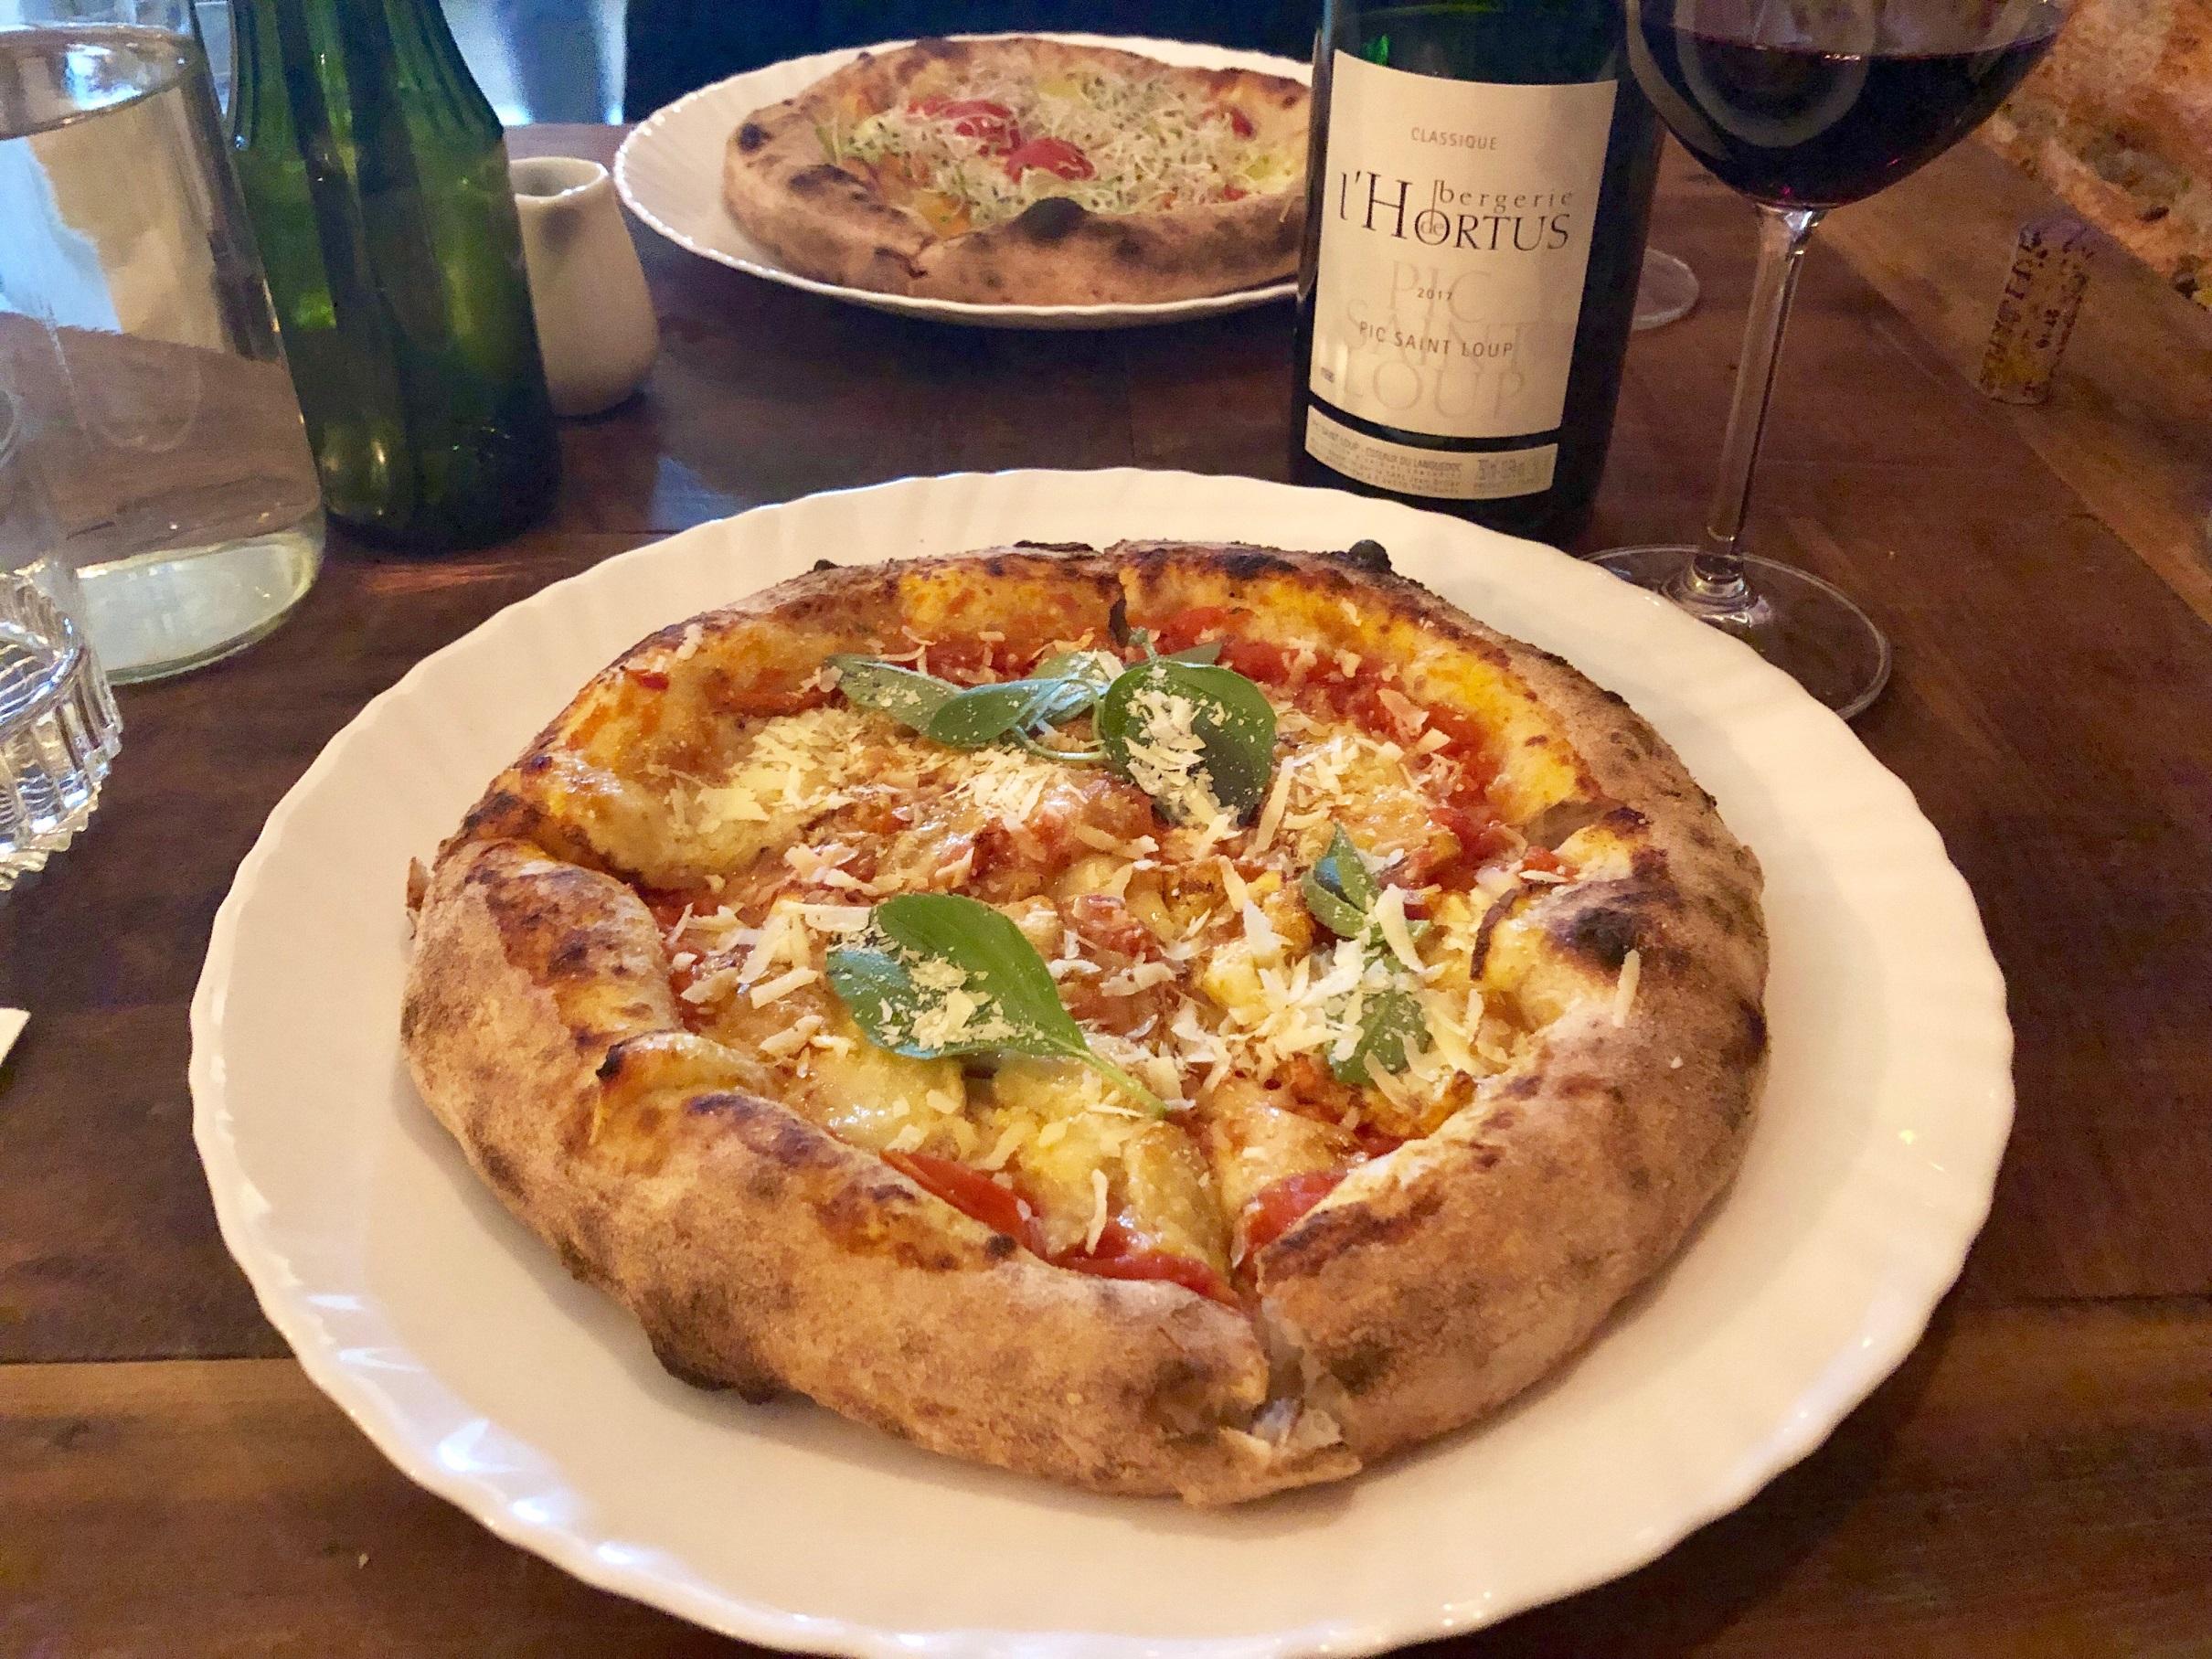 Harmonização vinho tinto pizza